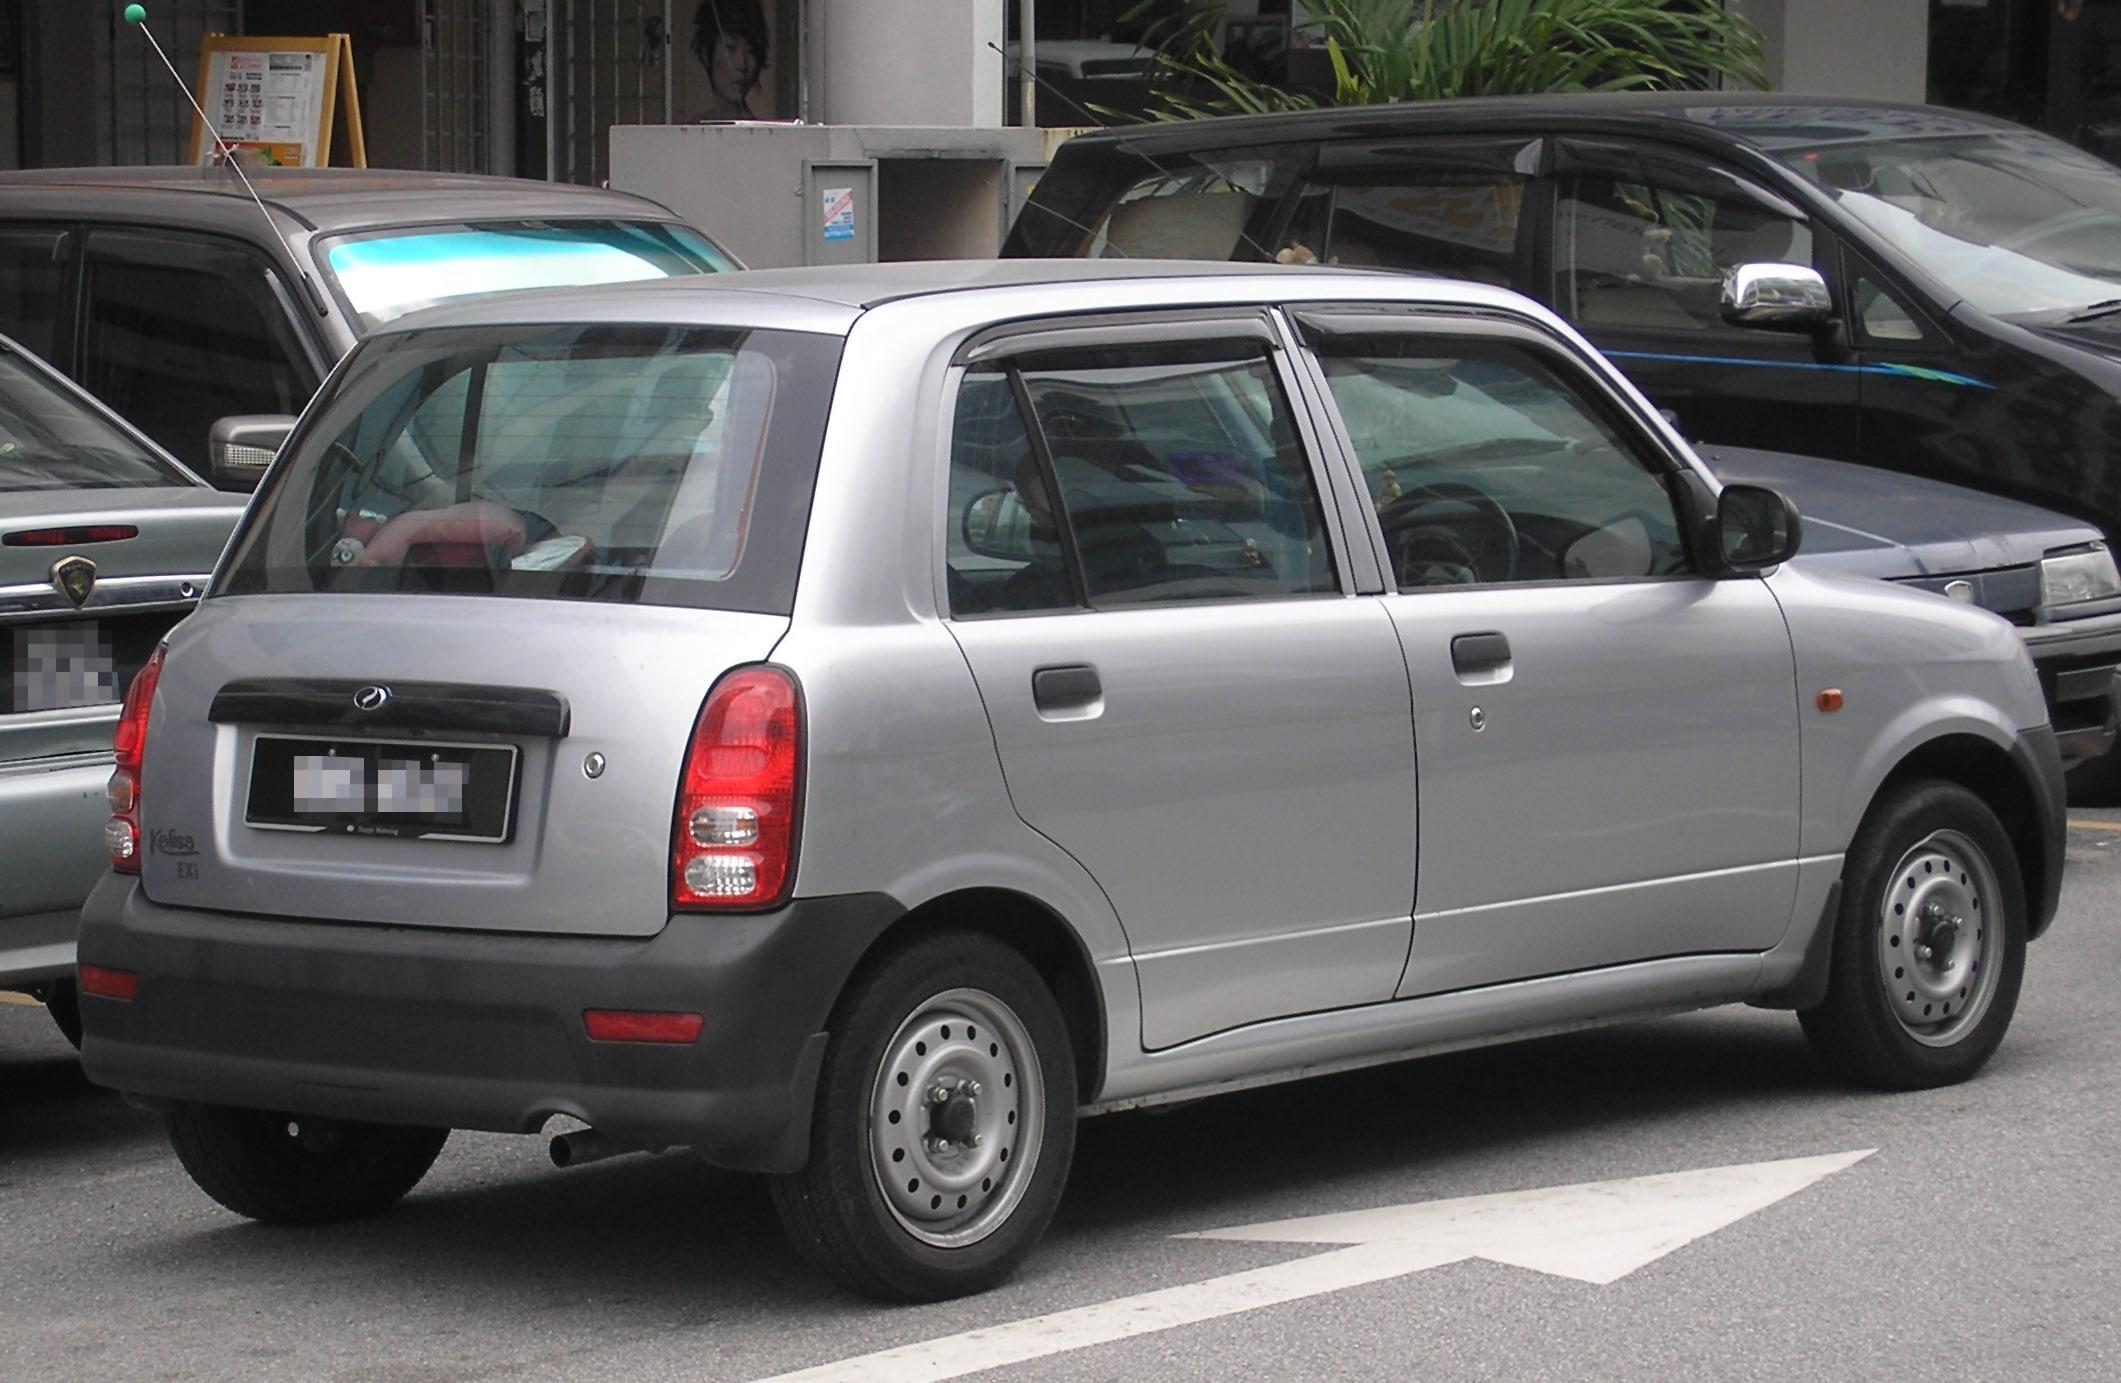 Perodua Kelisa, Perodua, Kelisa, small car, Mini, motoring, automotive, Malaysia, Malaysian, small car, kei car, fun car, first car, cheap car, classic ca, retro car, motoring, automotive